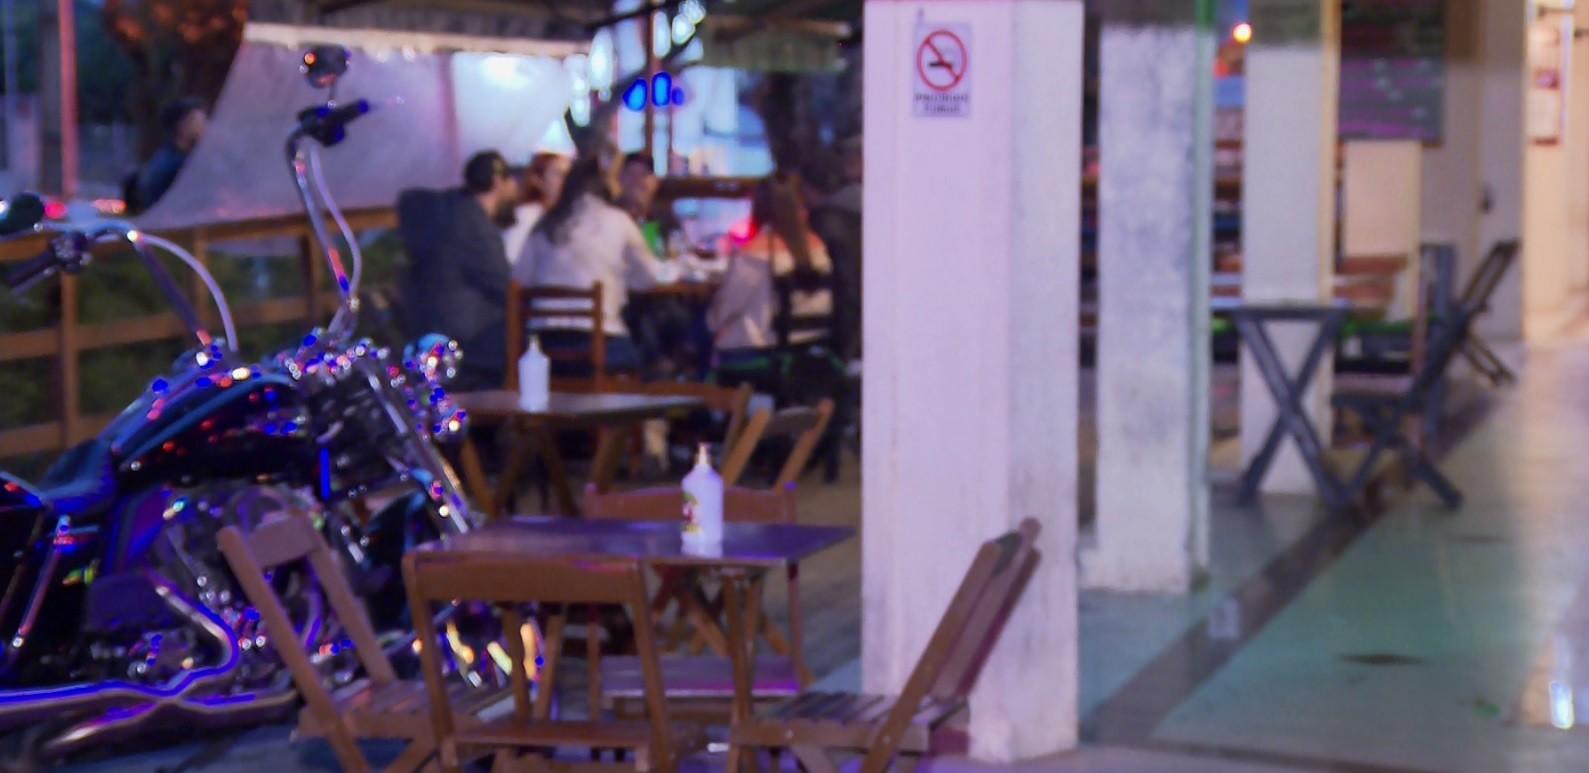 6 mil bares registrados como restaurantes e lanchonetes em Curitiba podem voltar a abrir após liminar, diz Abrabar